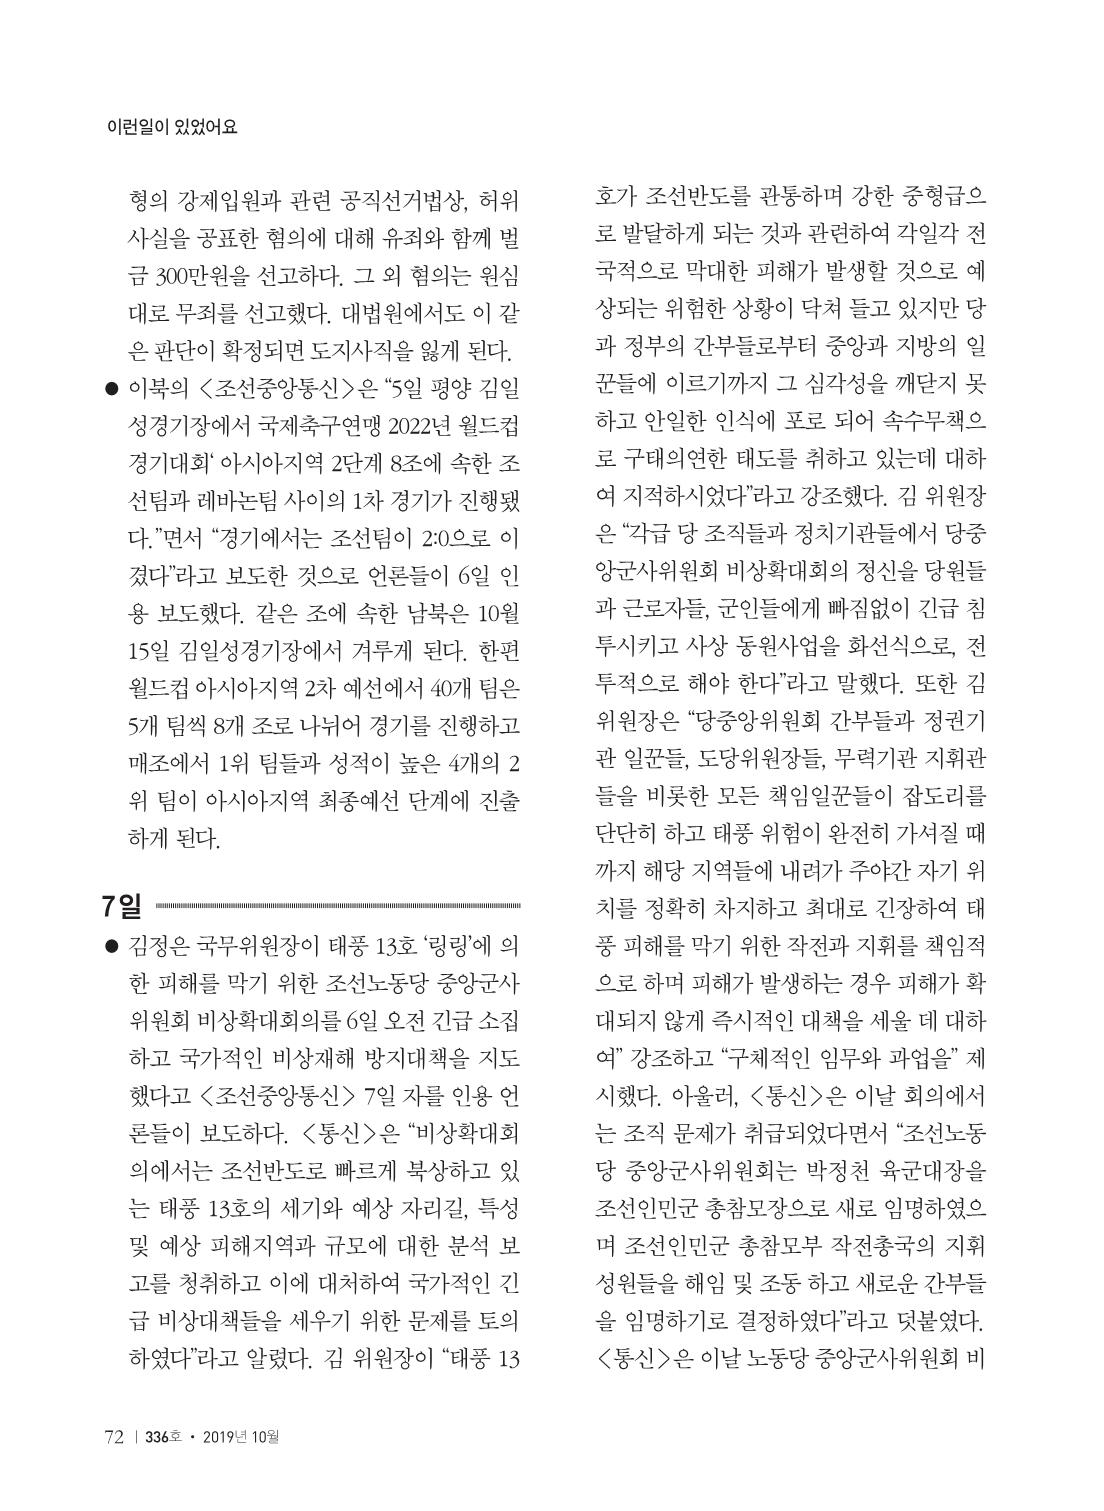 154780e2-c93e-4795-937d-bbcc14642e29.pdf-0074.jpg